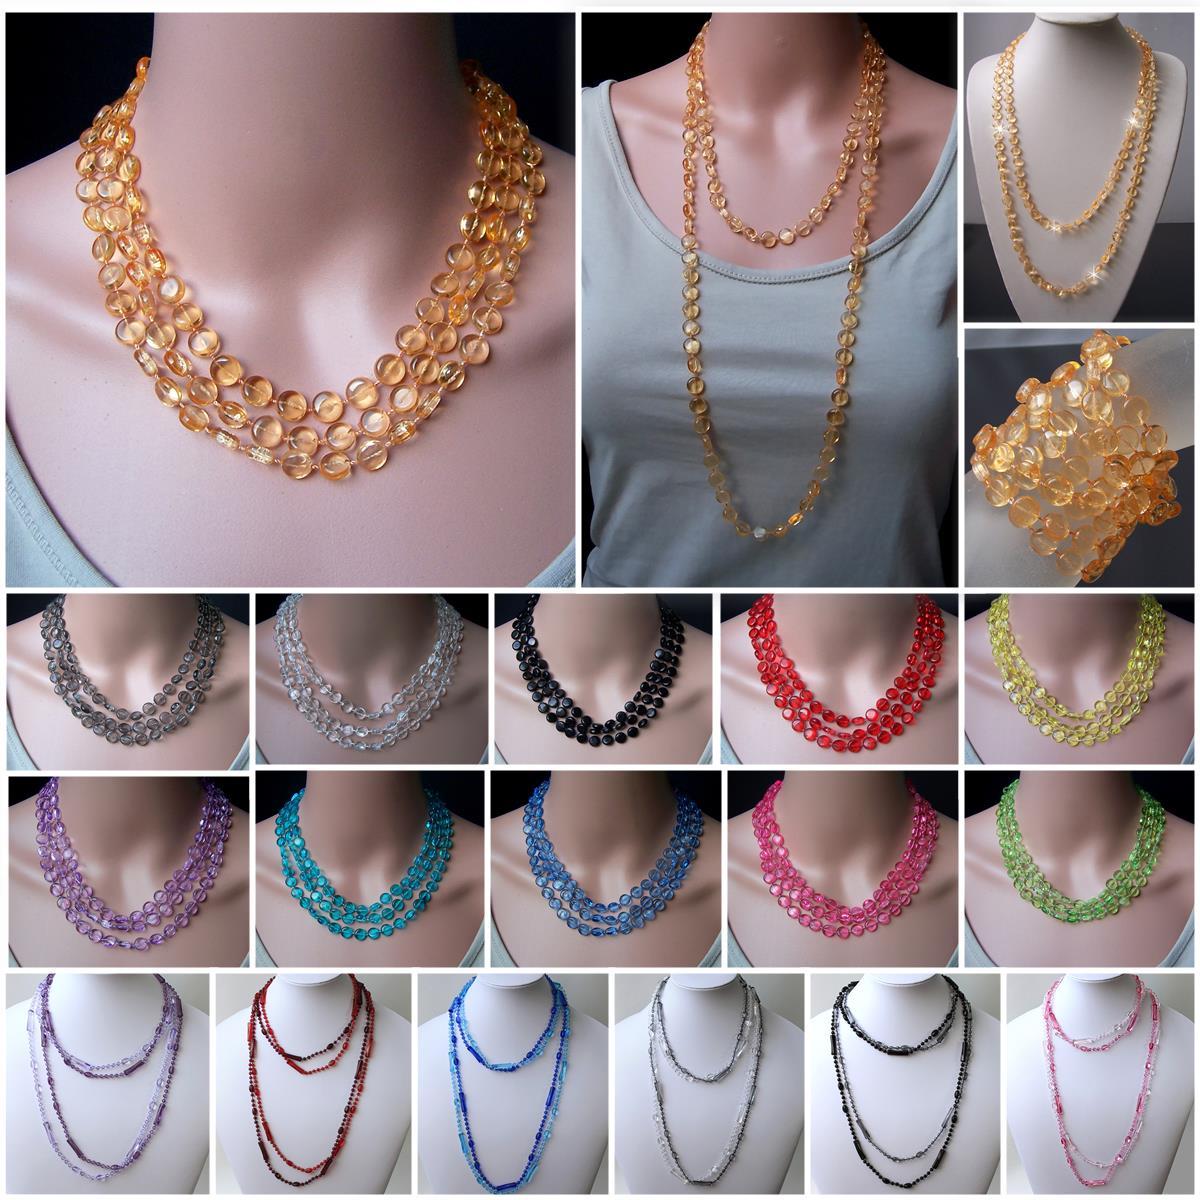 Modeschmuck perlen  Kette Halskette Y-KETTE SILBER Perlen GRÜN Modeschmuck Damen ...